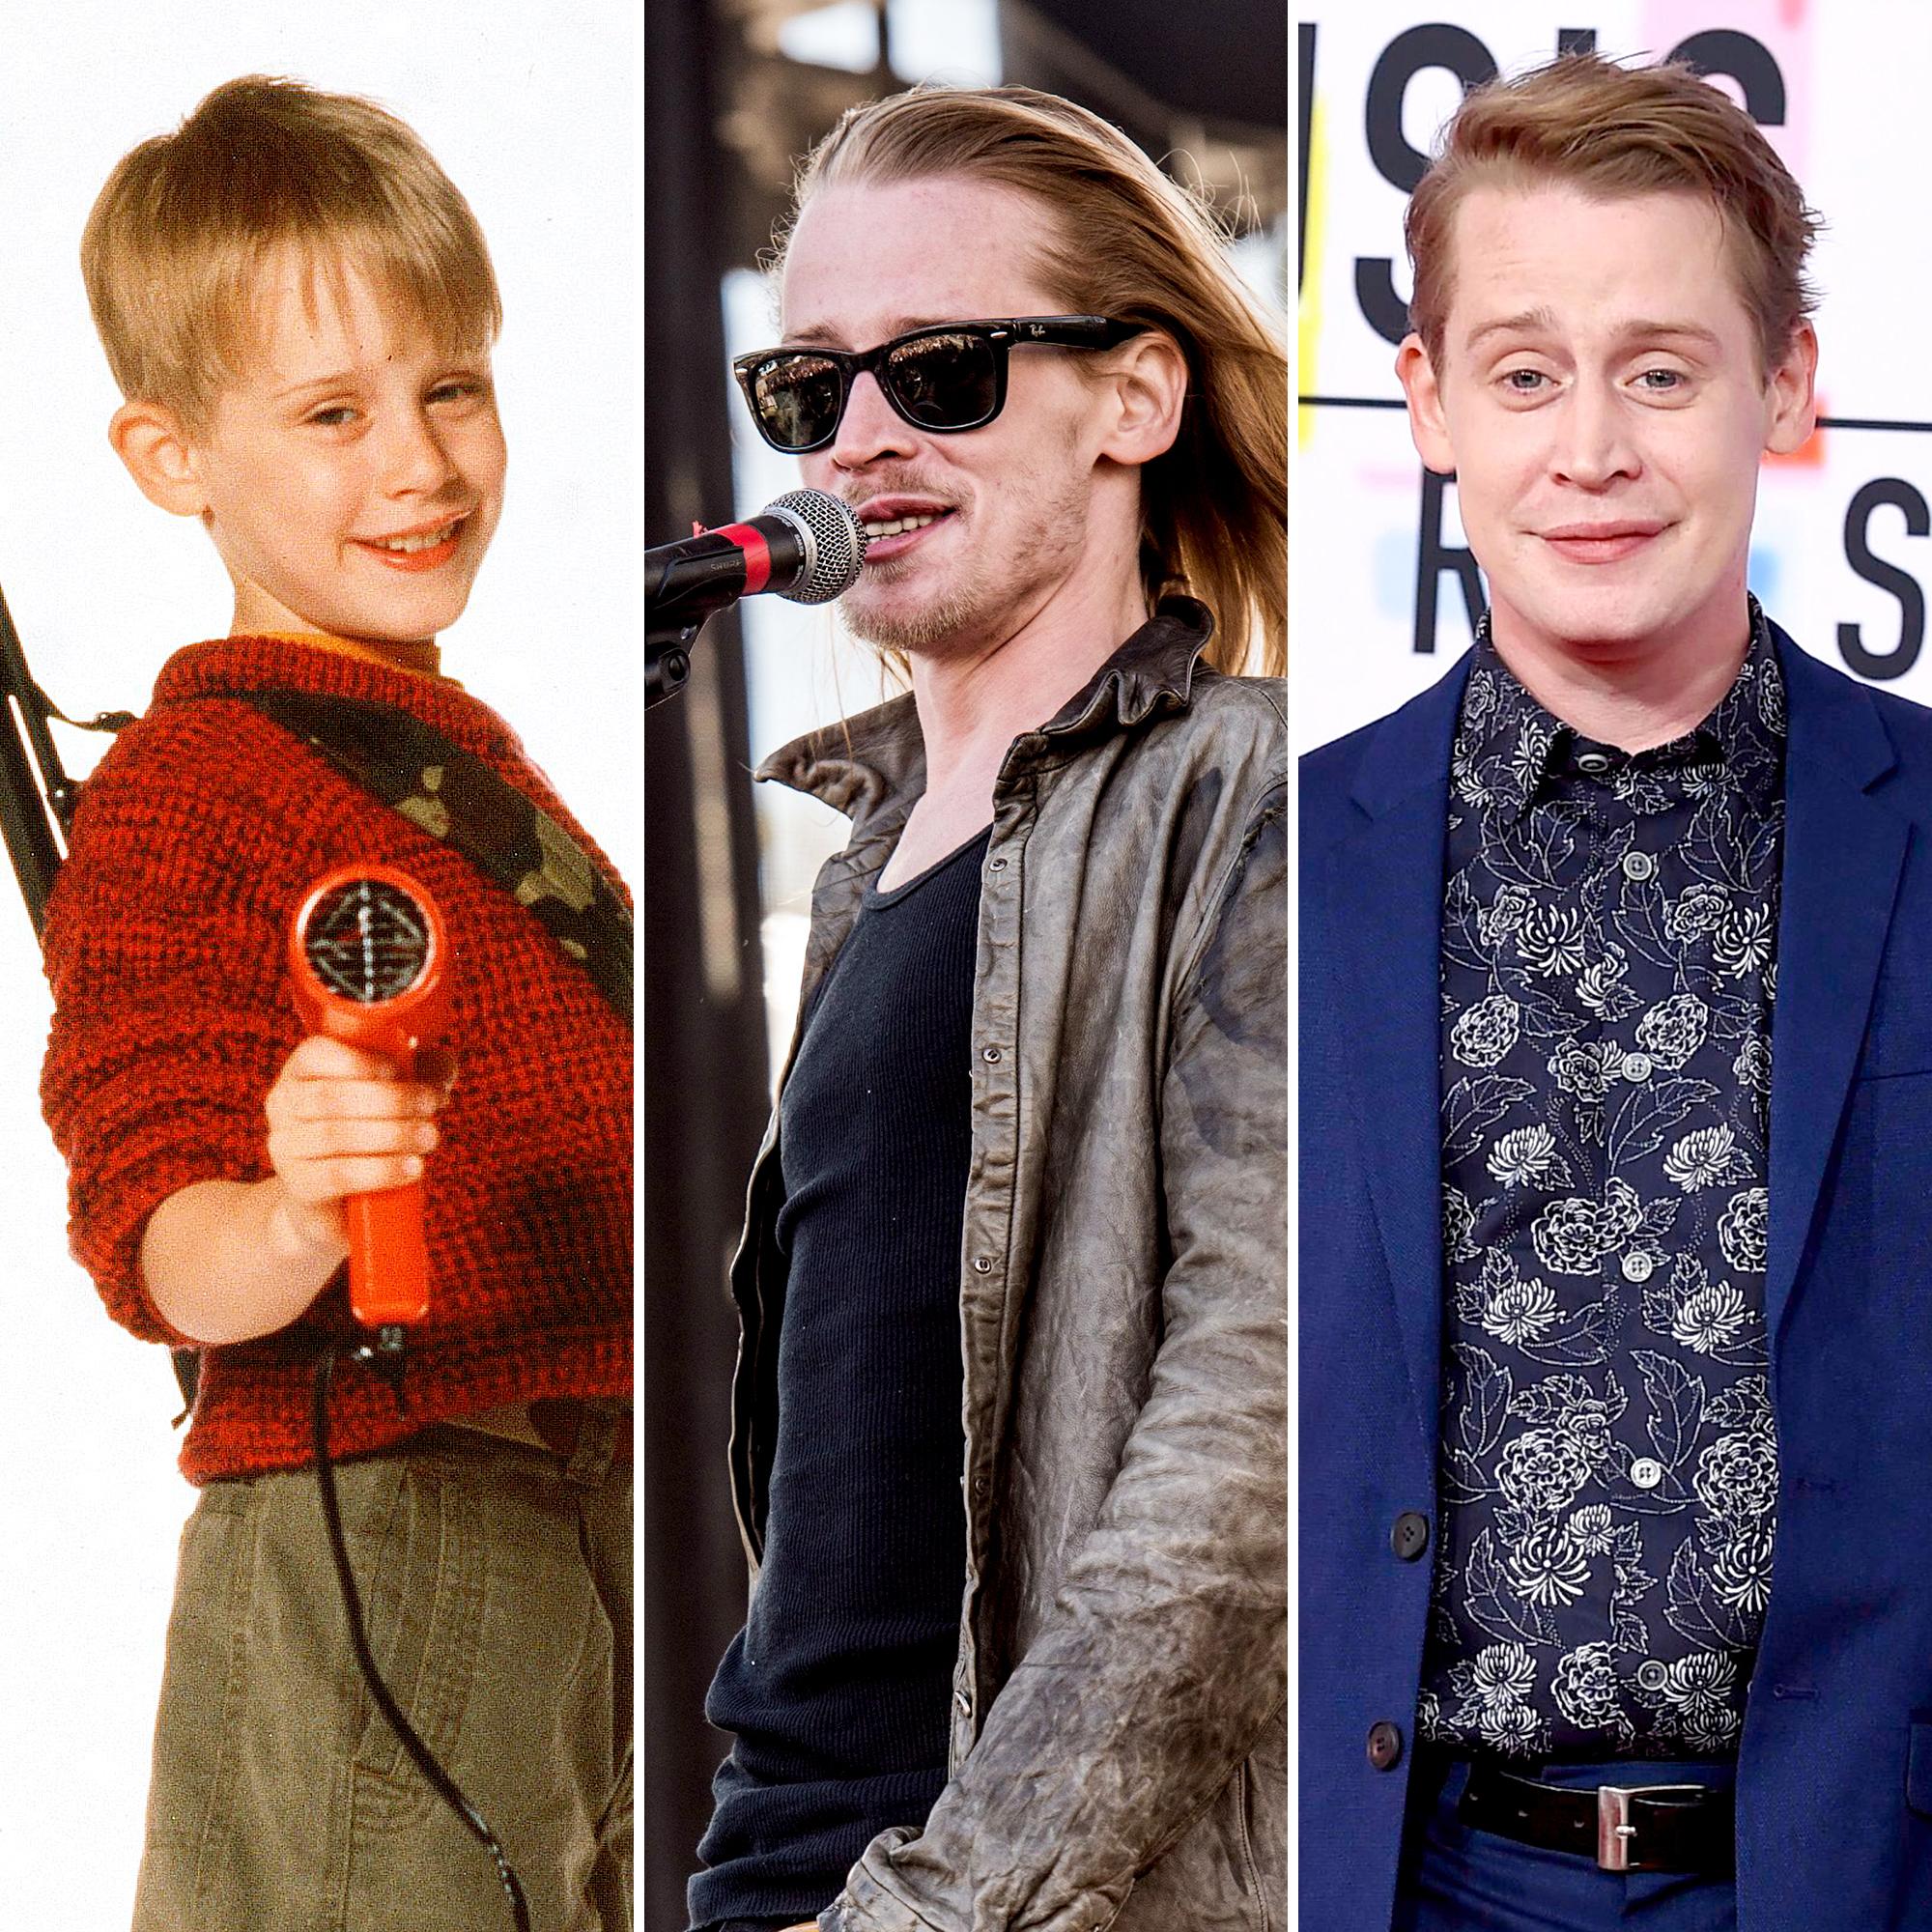 Macaulay Culkin Through the Years: Photos of the Actor